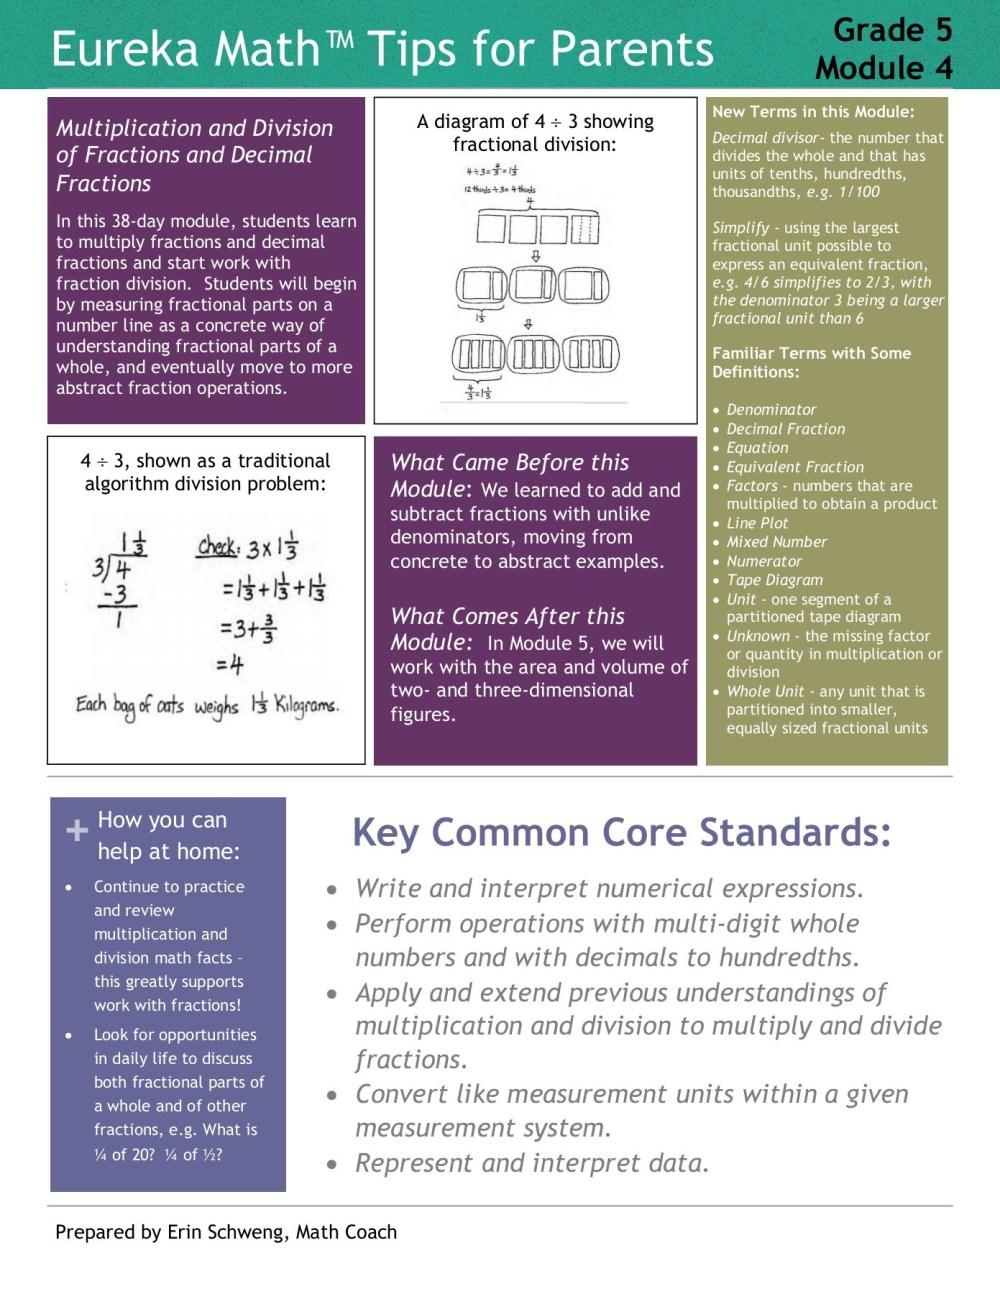 medium resolution of eureka math grade 5 module 4 parent tip sheet